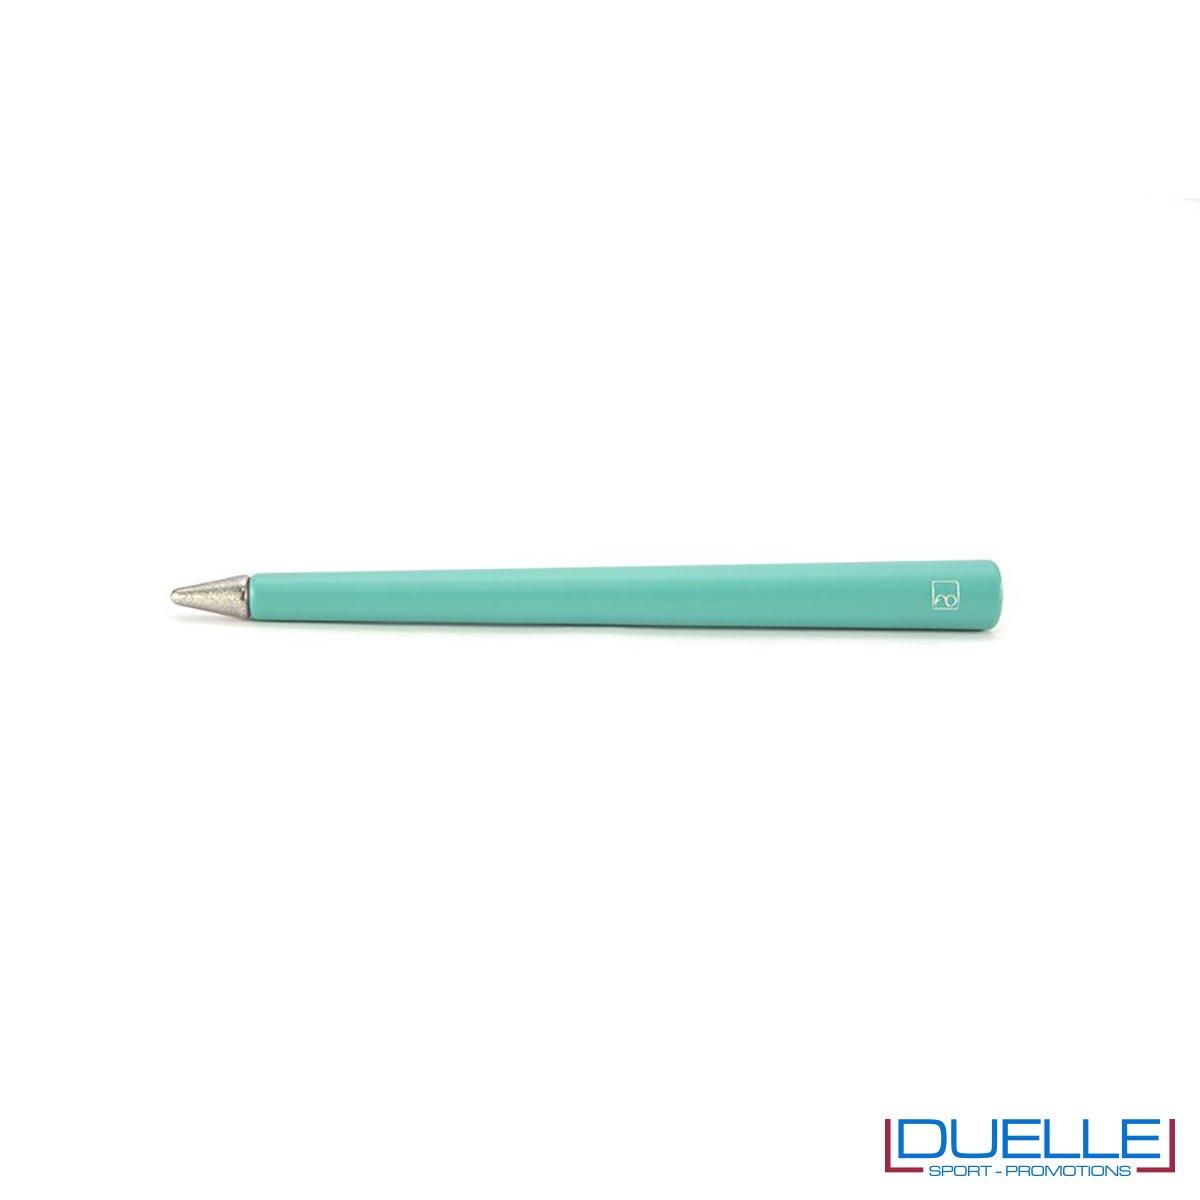 matita infinita personalizzata primina in colore turchese, regali aziendali personalizzabili turchesi